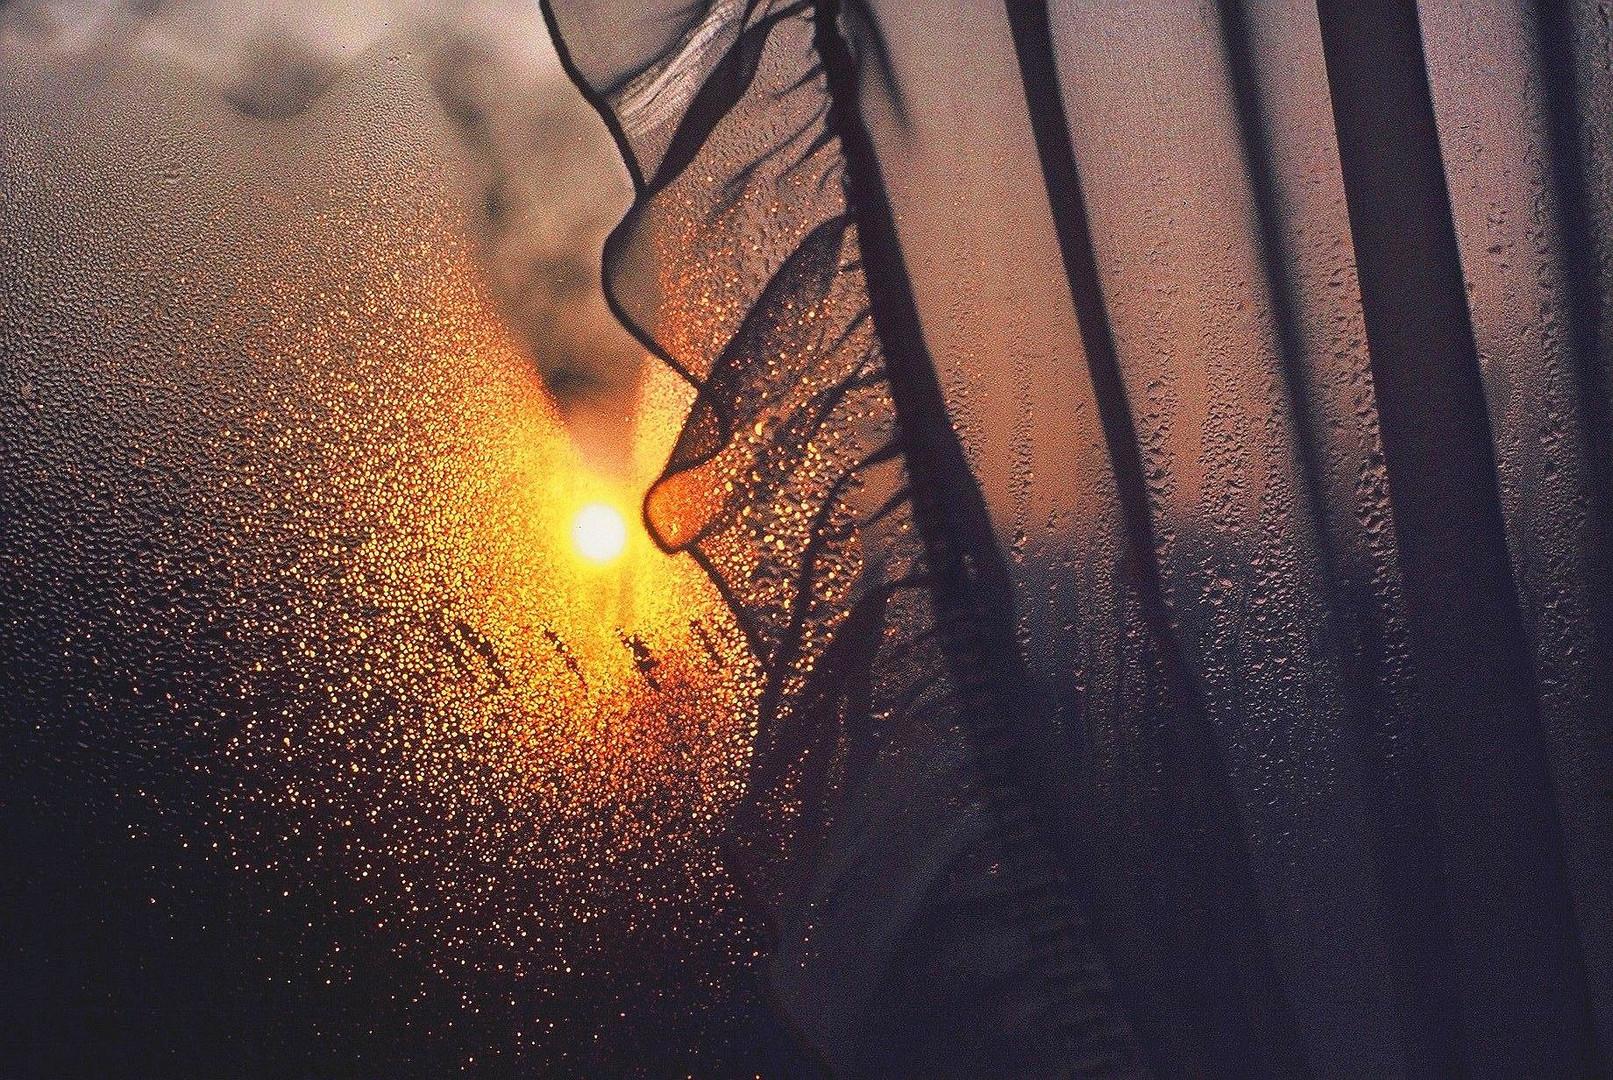 Le soleil se lève au carreau